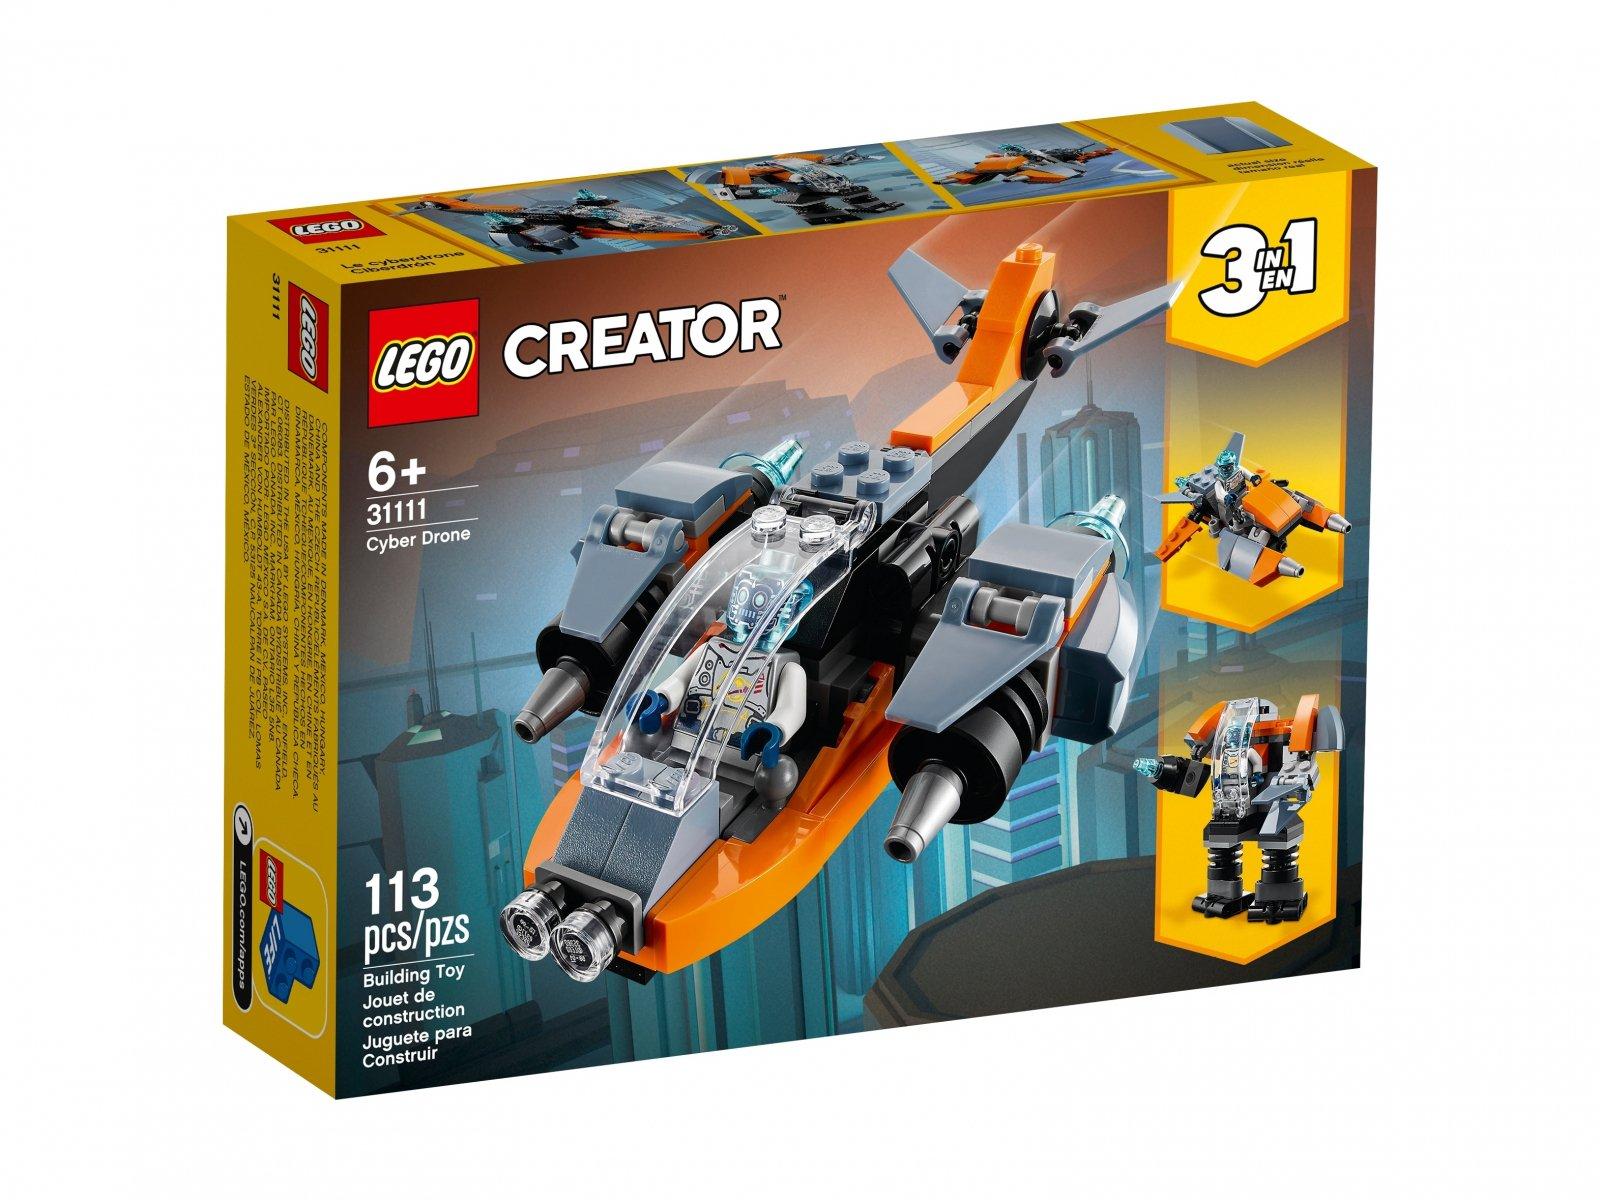 LEGO Creator 3 w 1 Cyberdron 31111